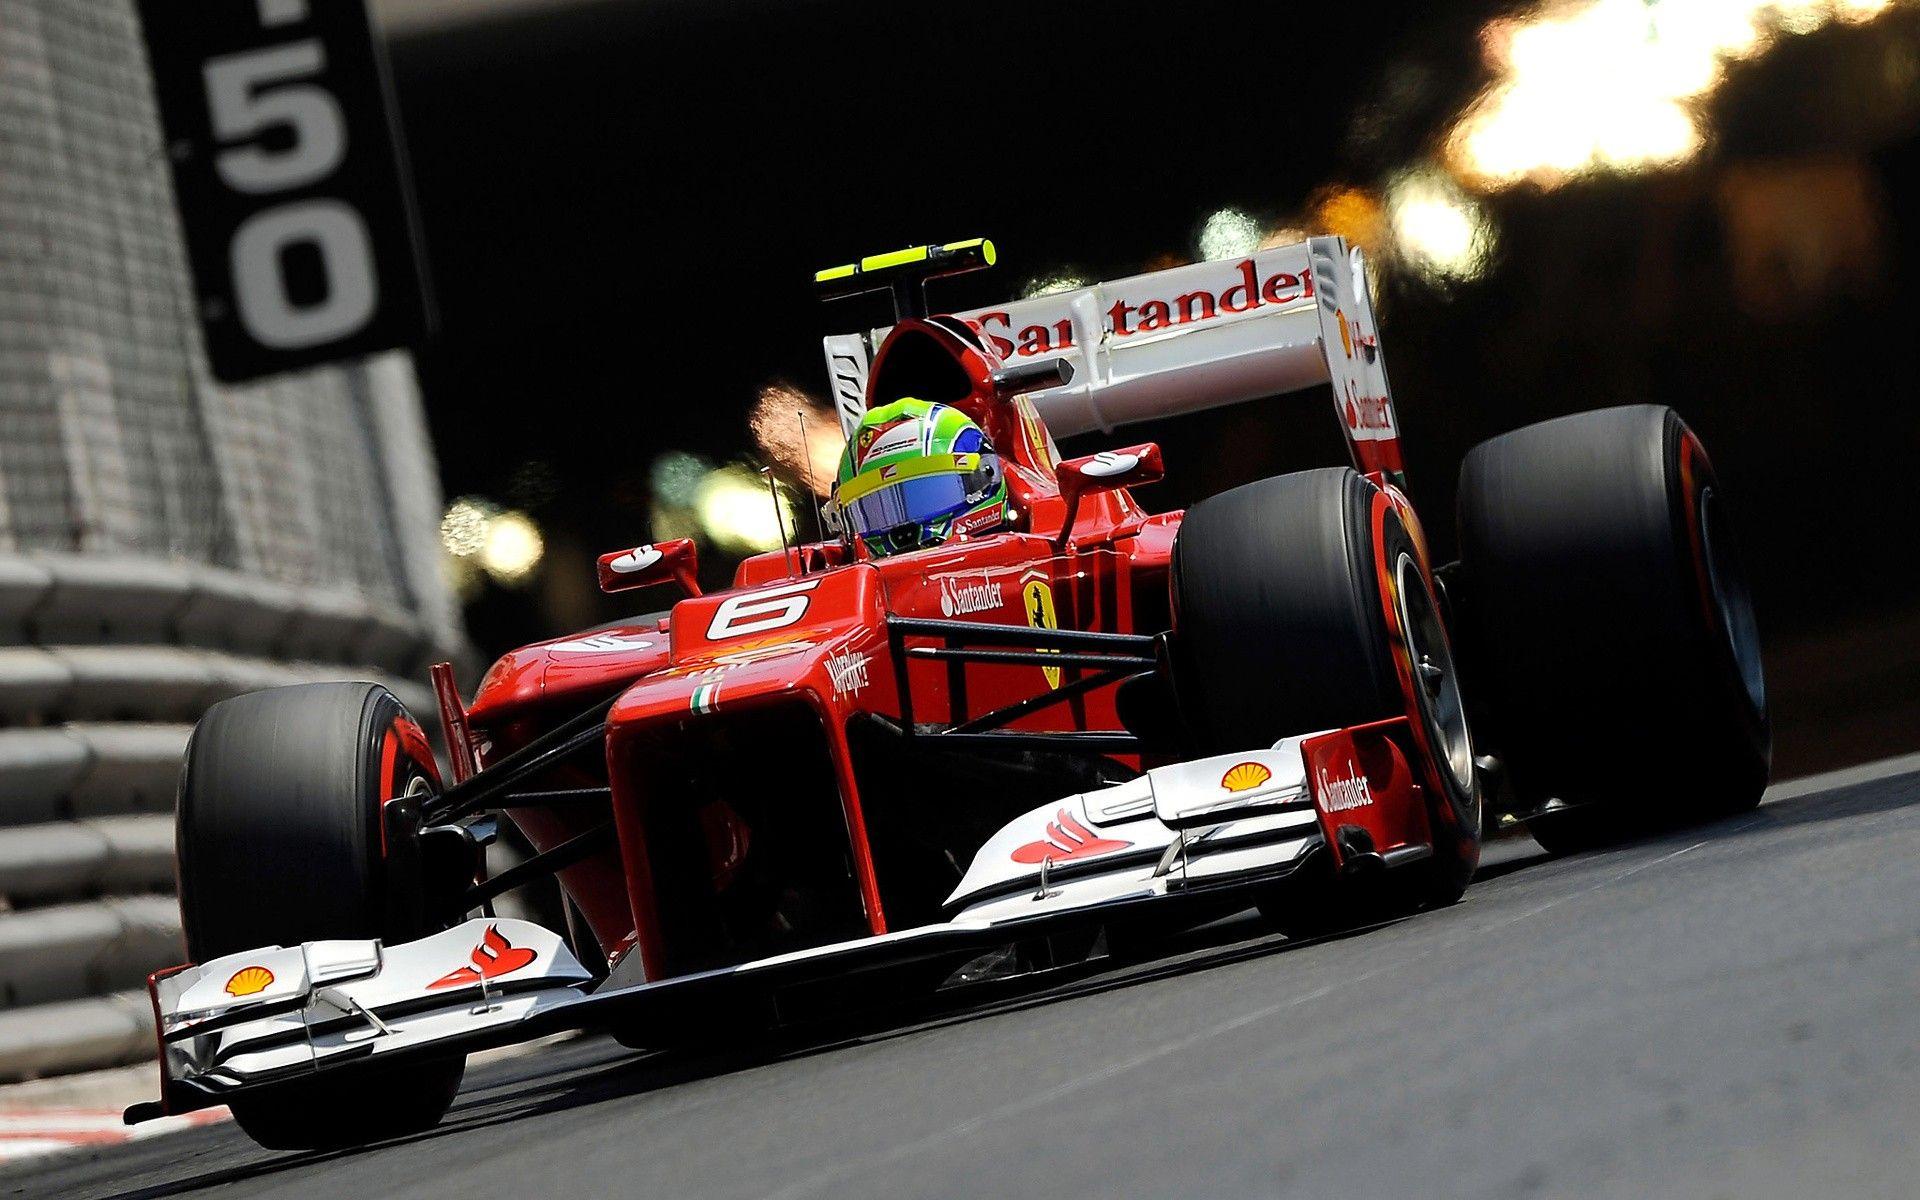 Download Ferrari F1 Desktop Wallpaper  PNG